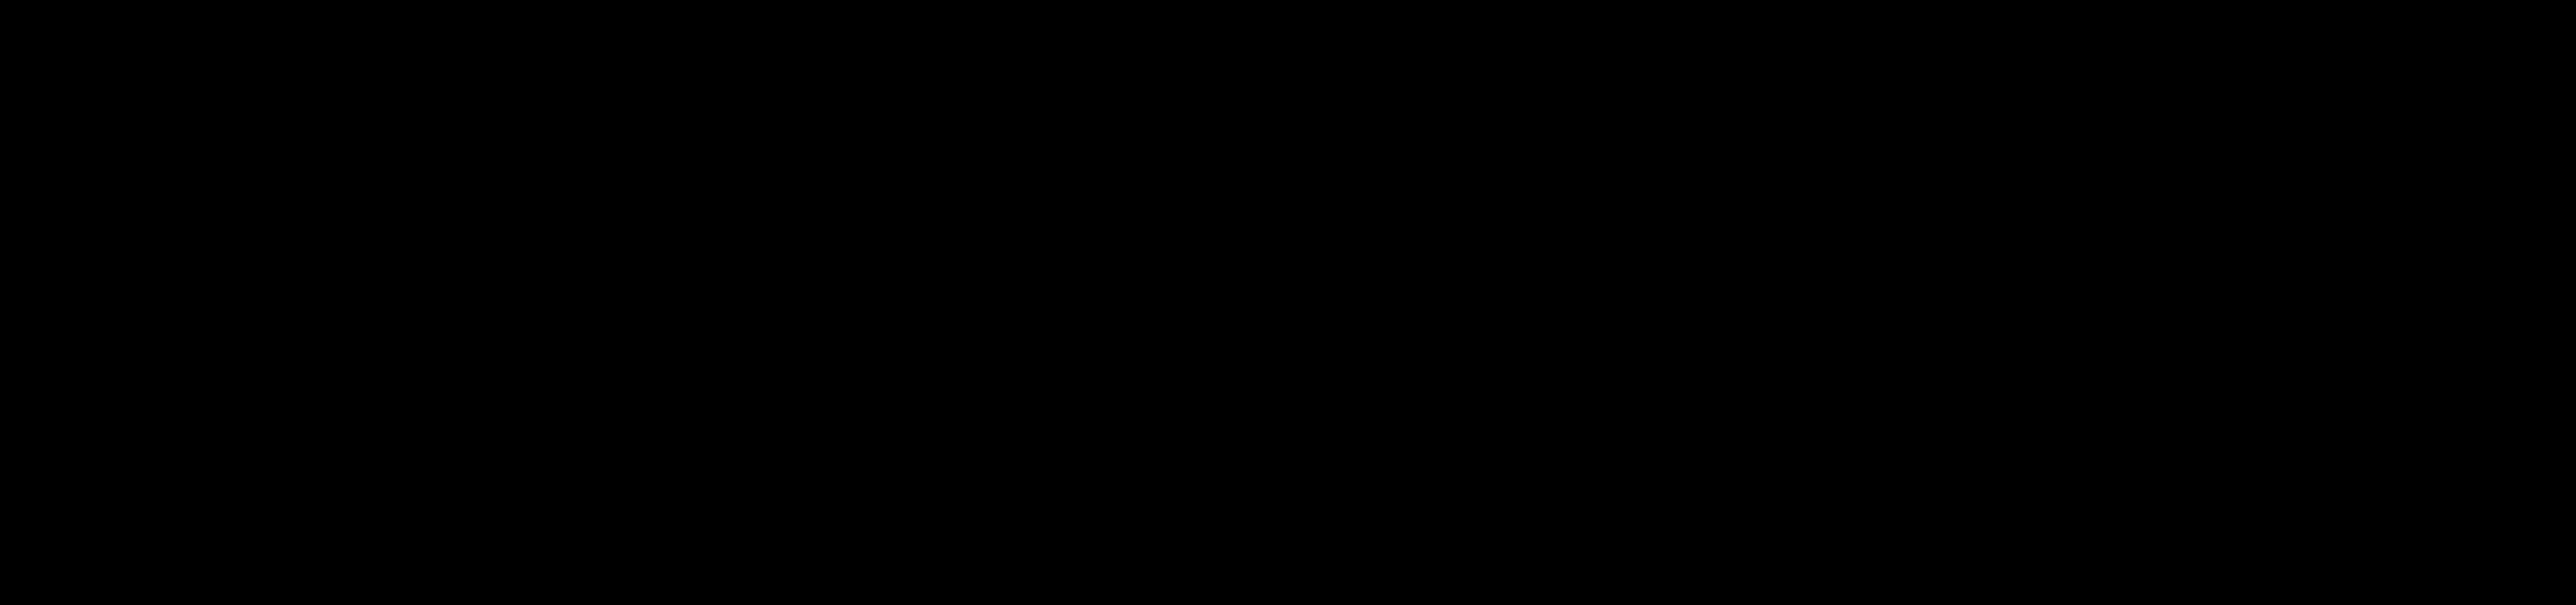 SUIINATURALS